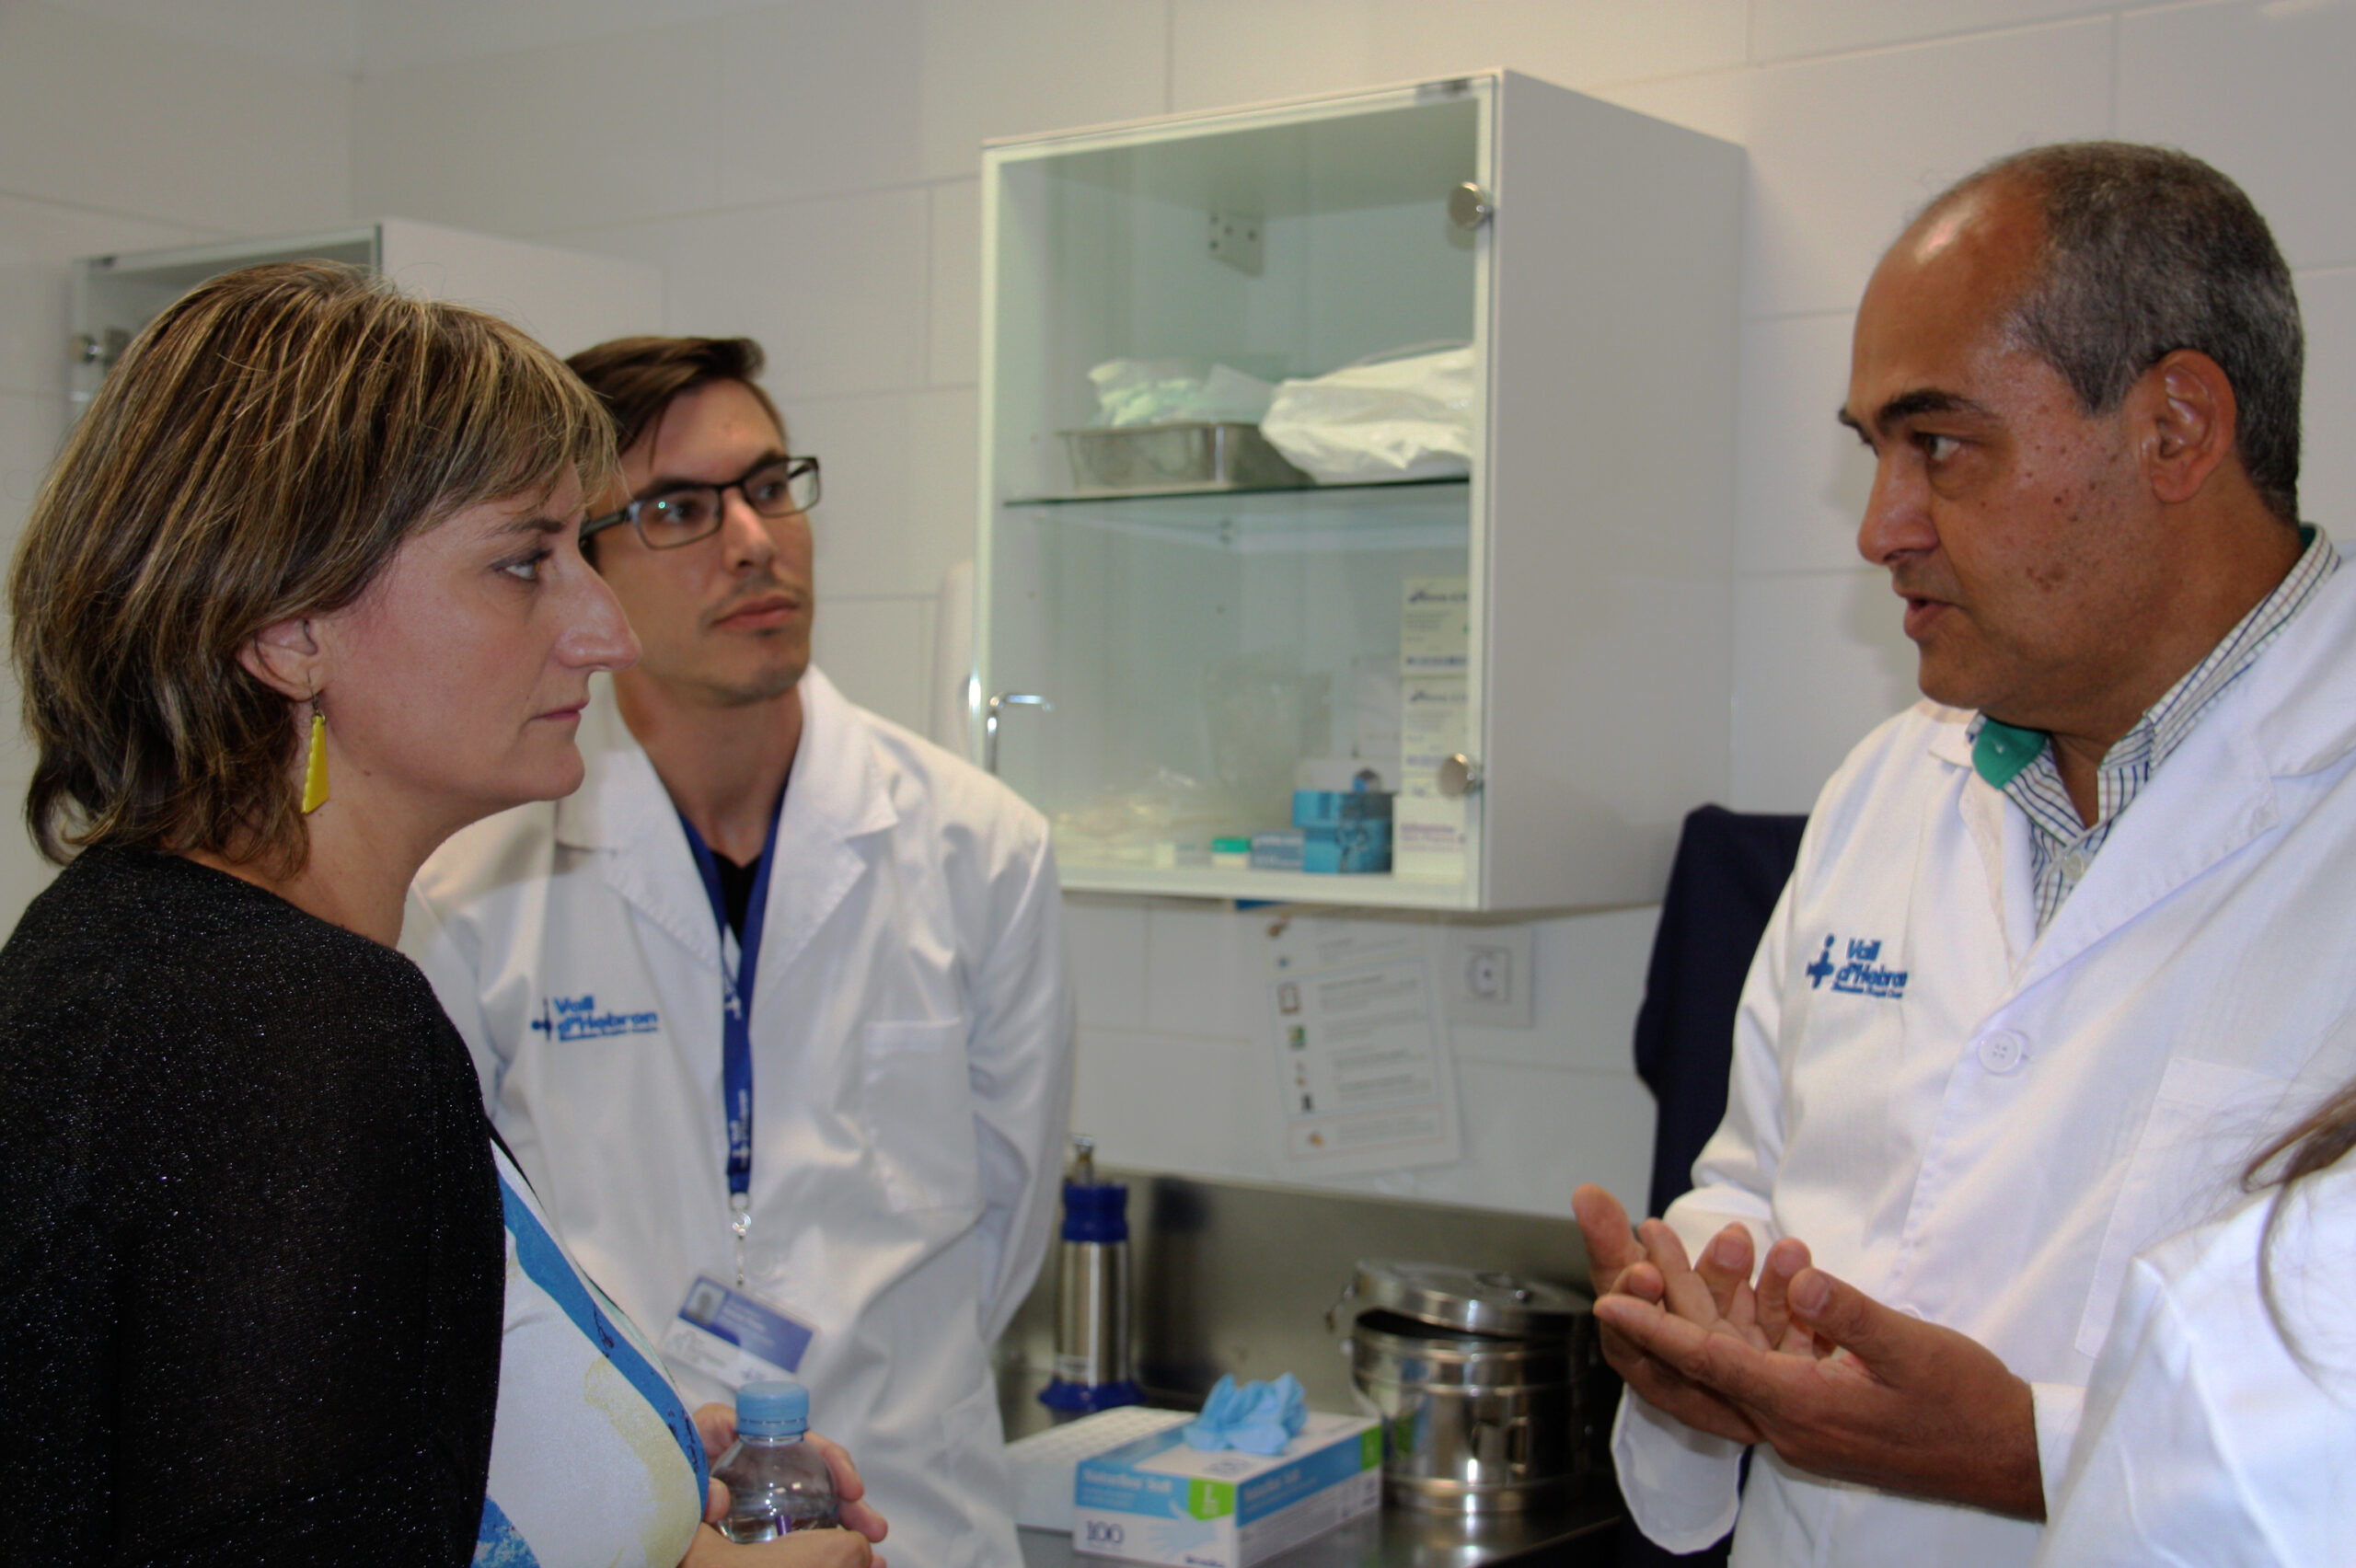 La consellera de Salut, Alba Vergés, amb el cap del Servei de Malalties Infeccioses de Vall d'Hebron, el doctor Benito Almirante   ACN